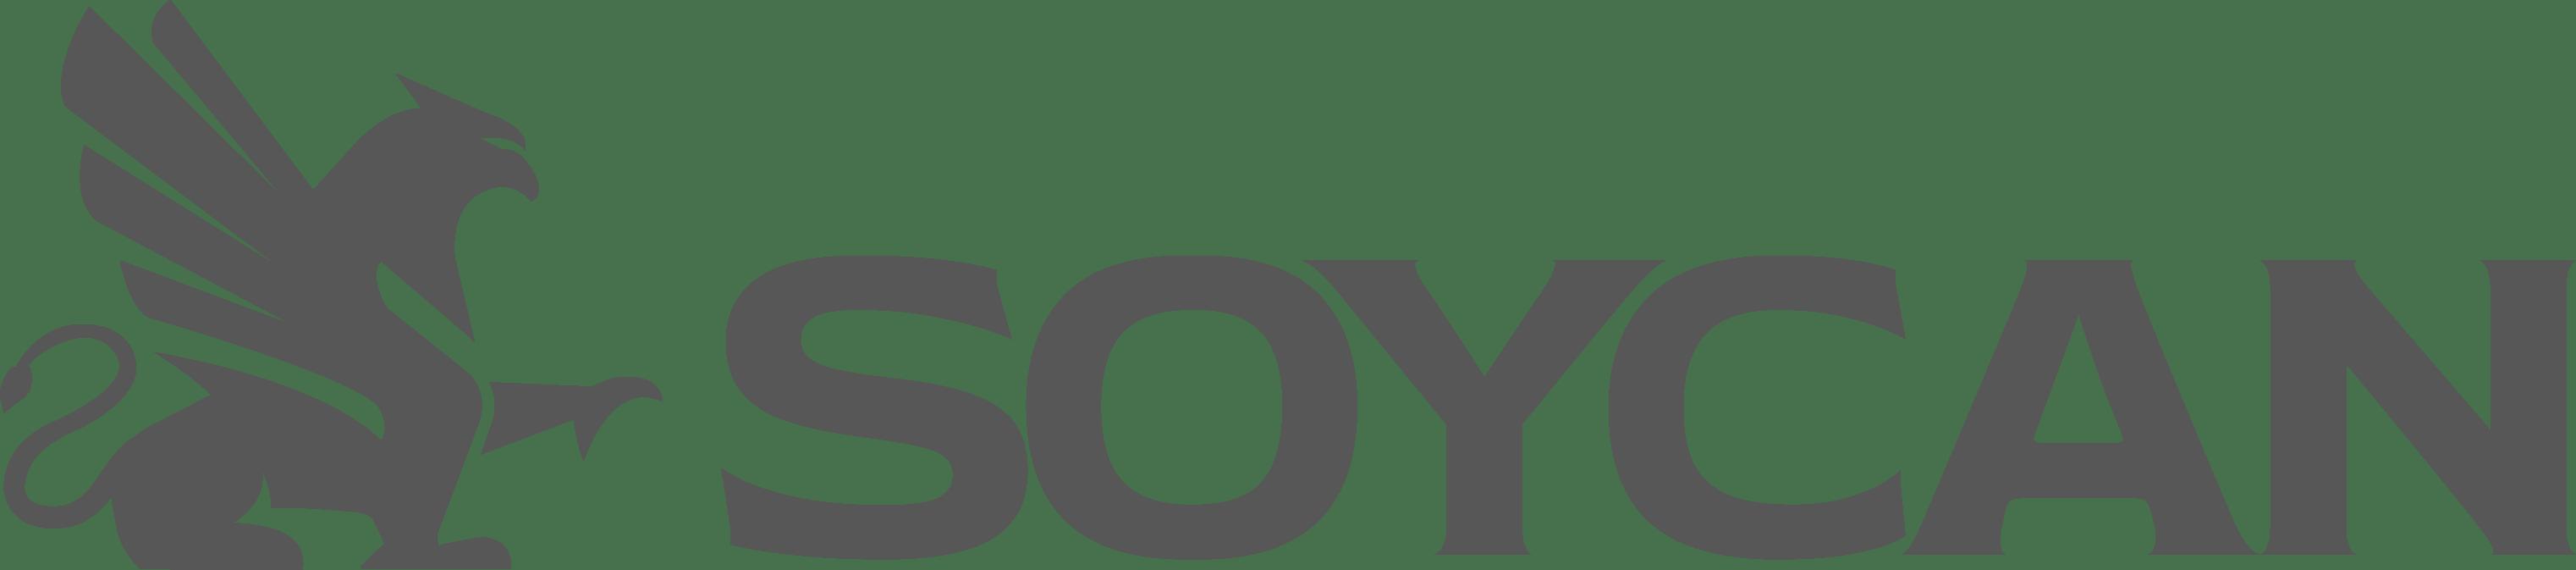 Soycan Logo Yatay